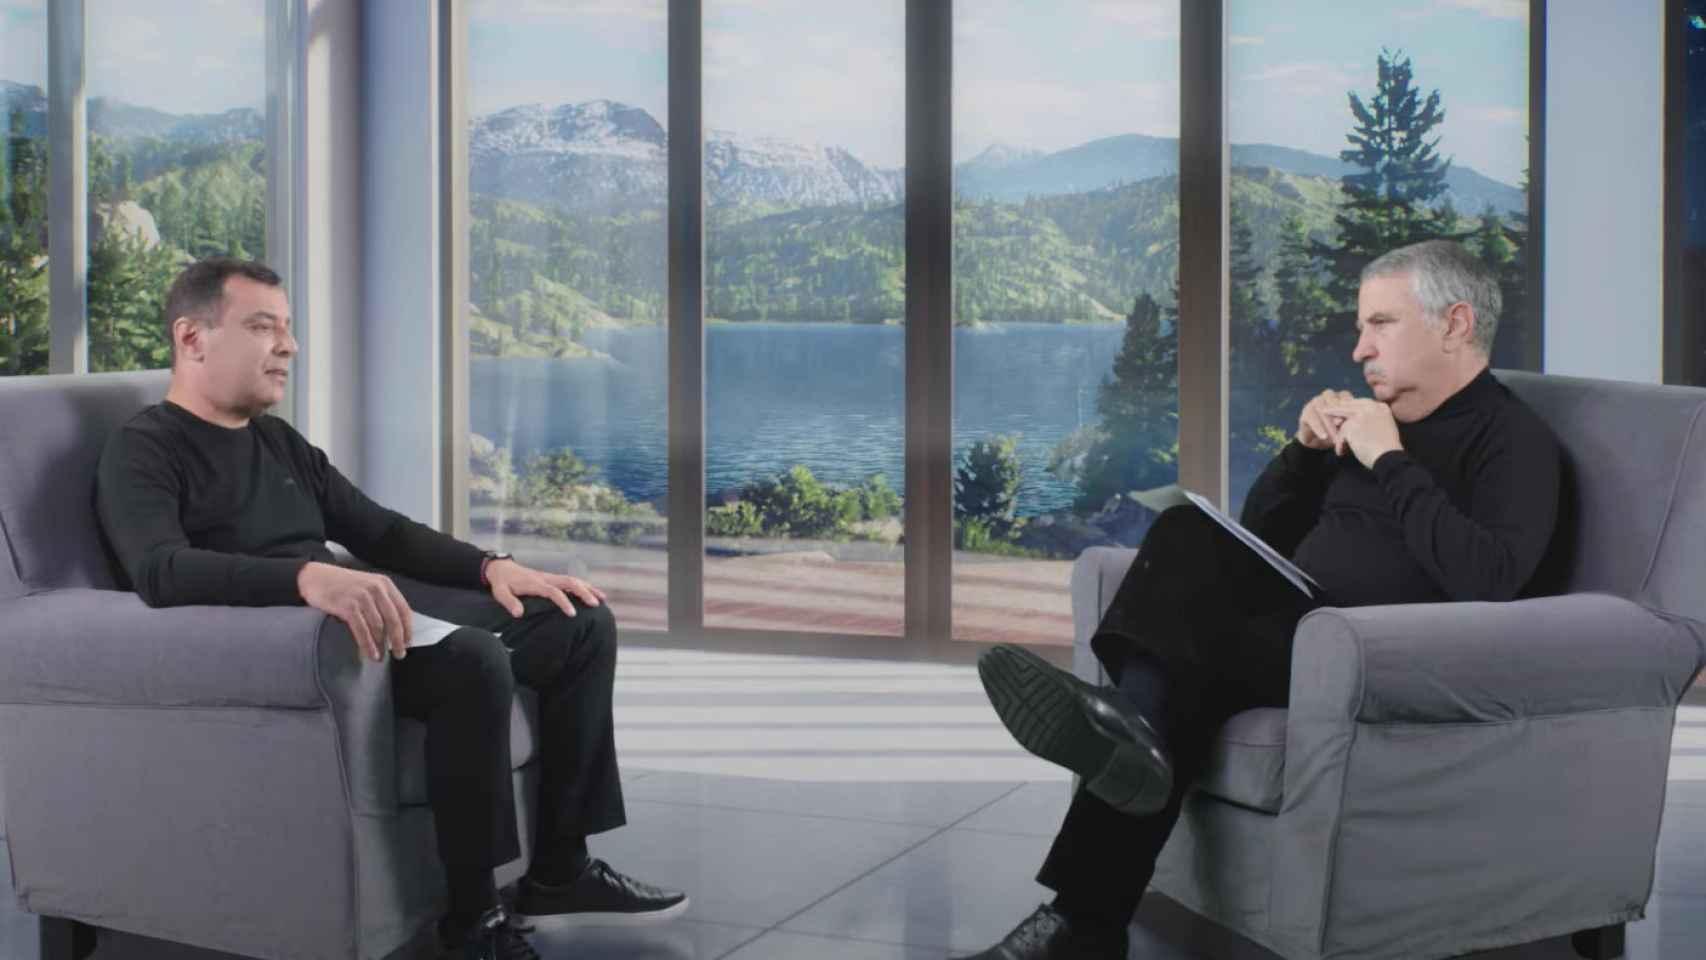 El profesor Amnon Shashua (izquierda) y el premio Pulitzer Thomas Friedman (derecha) en CEs 2021.